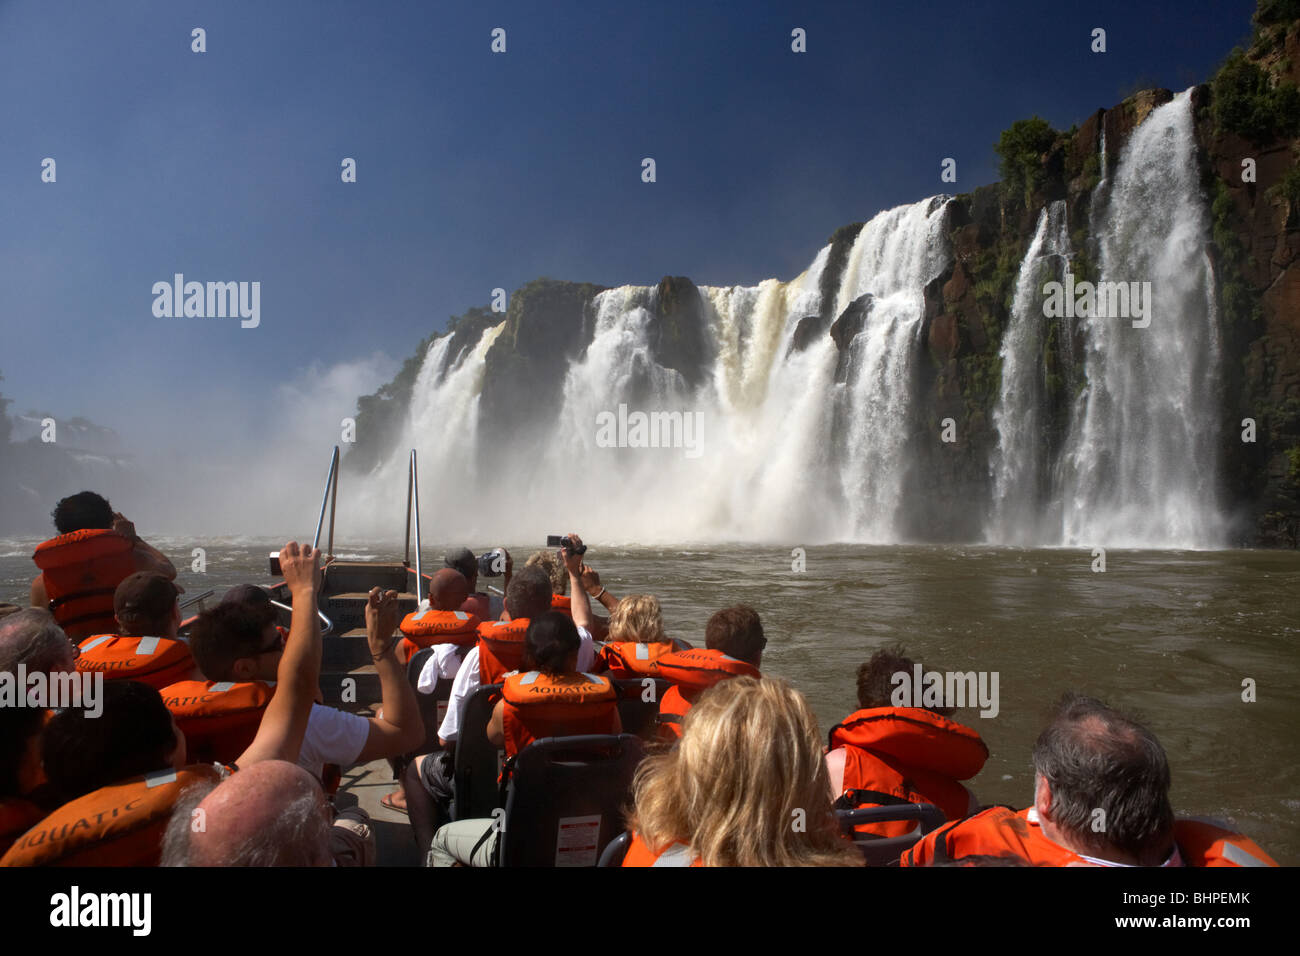 Groupe de touristes sur le bateau sous les cascades de la gorge devils parc national de l'Iguazu, Argentine Banque D'Images